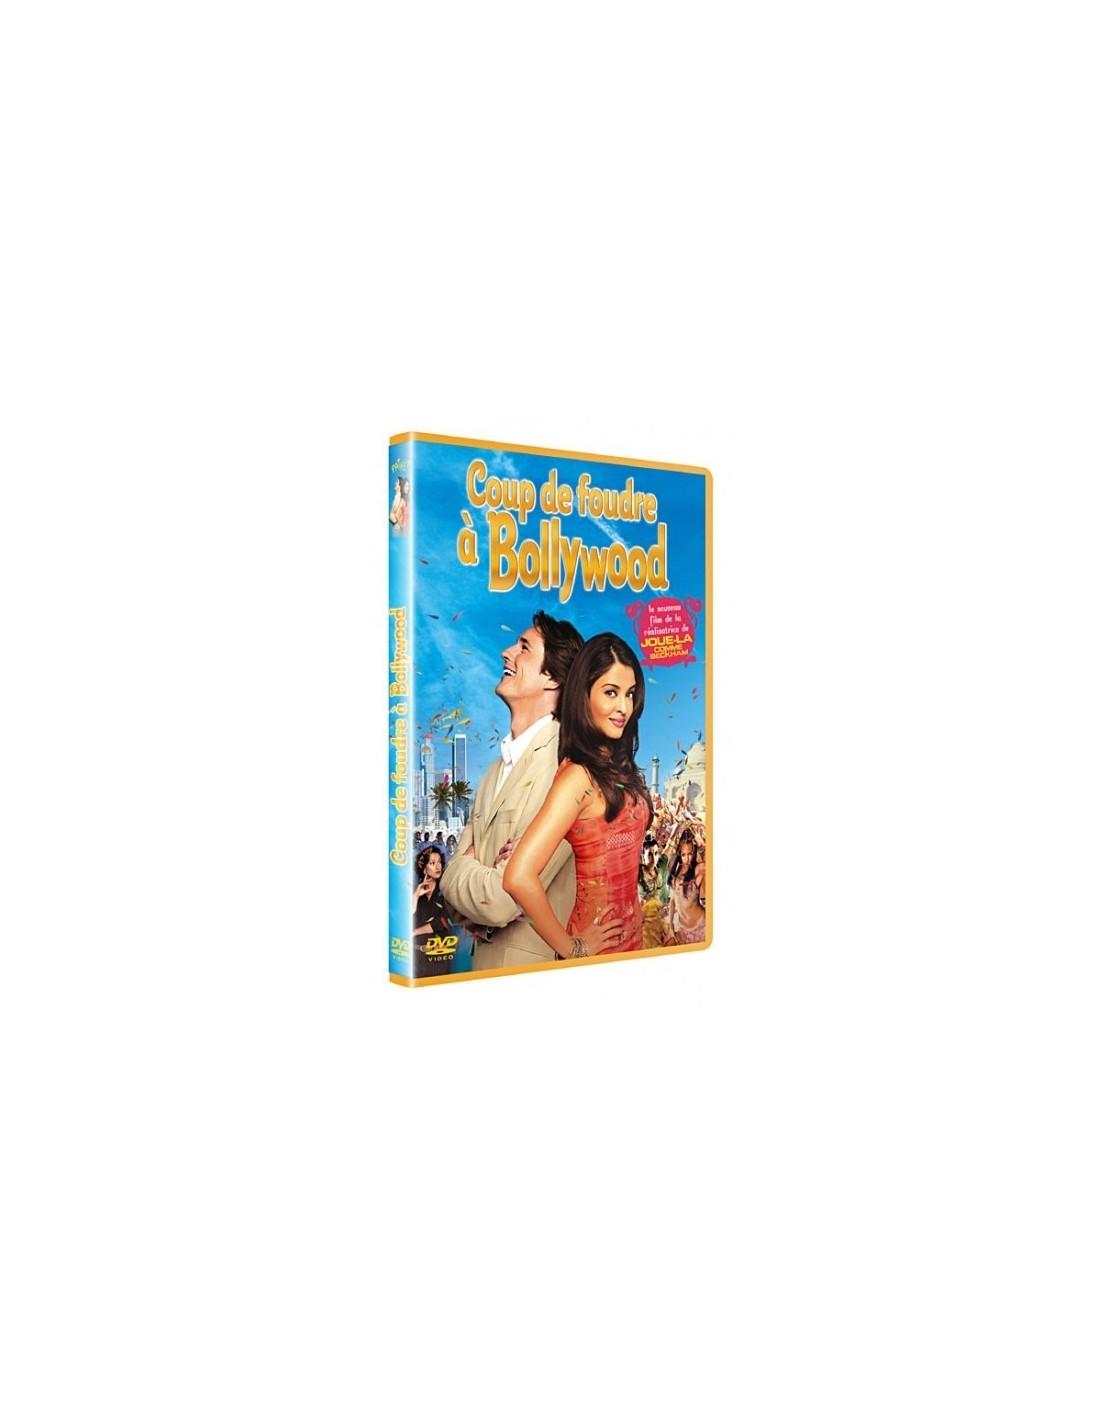 Coup de foudre bollywood dvd - Coup de foudre a bollywood le film entier en francais ...